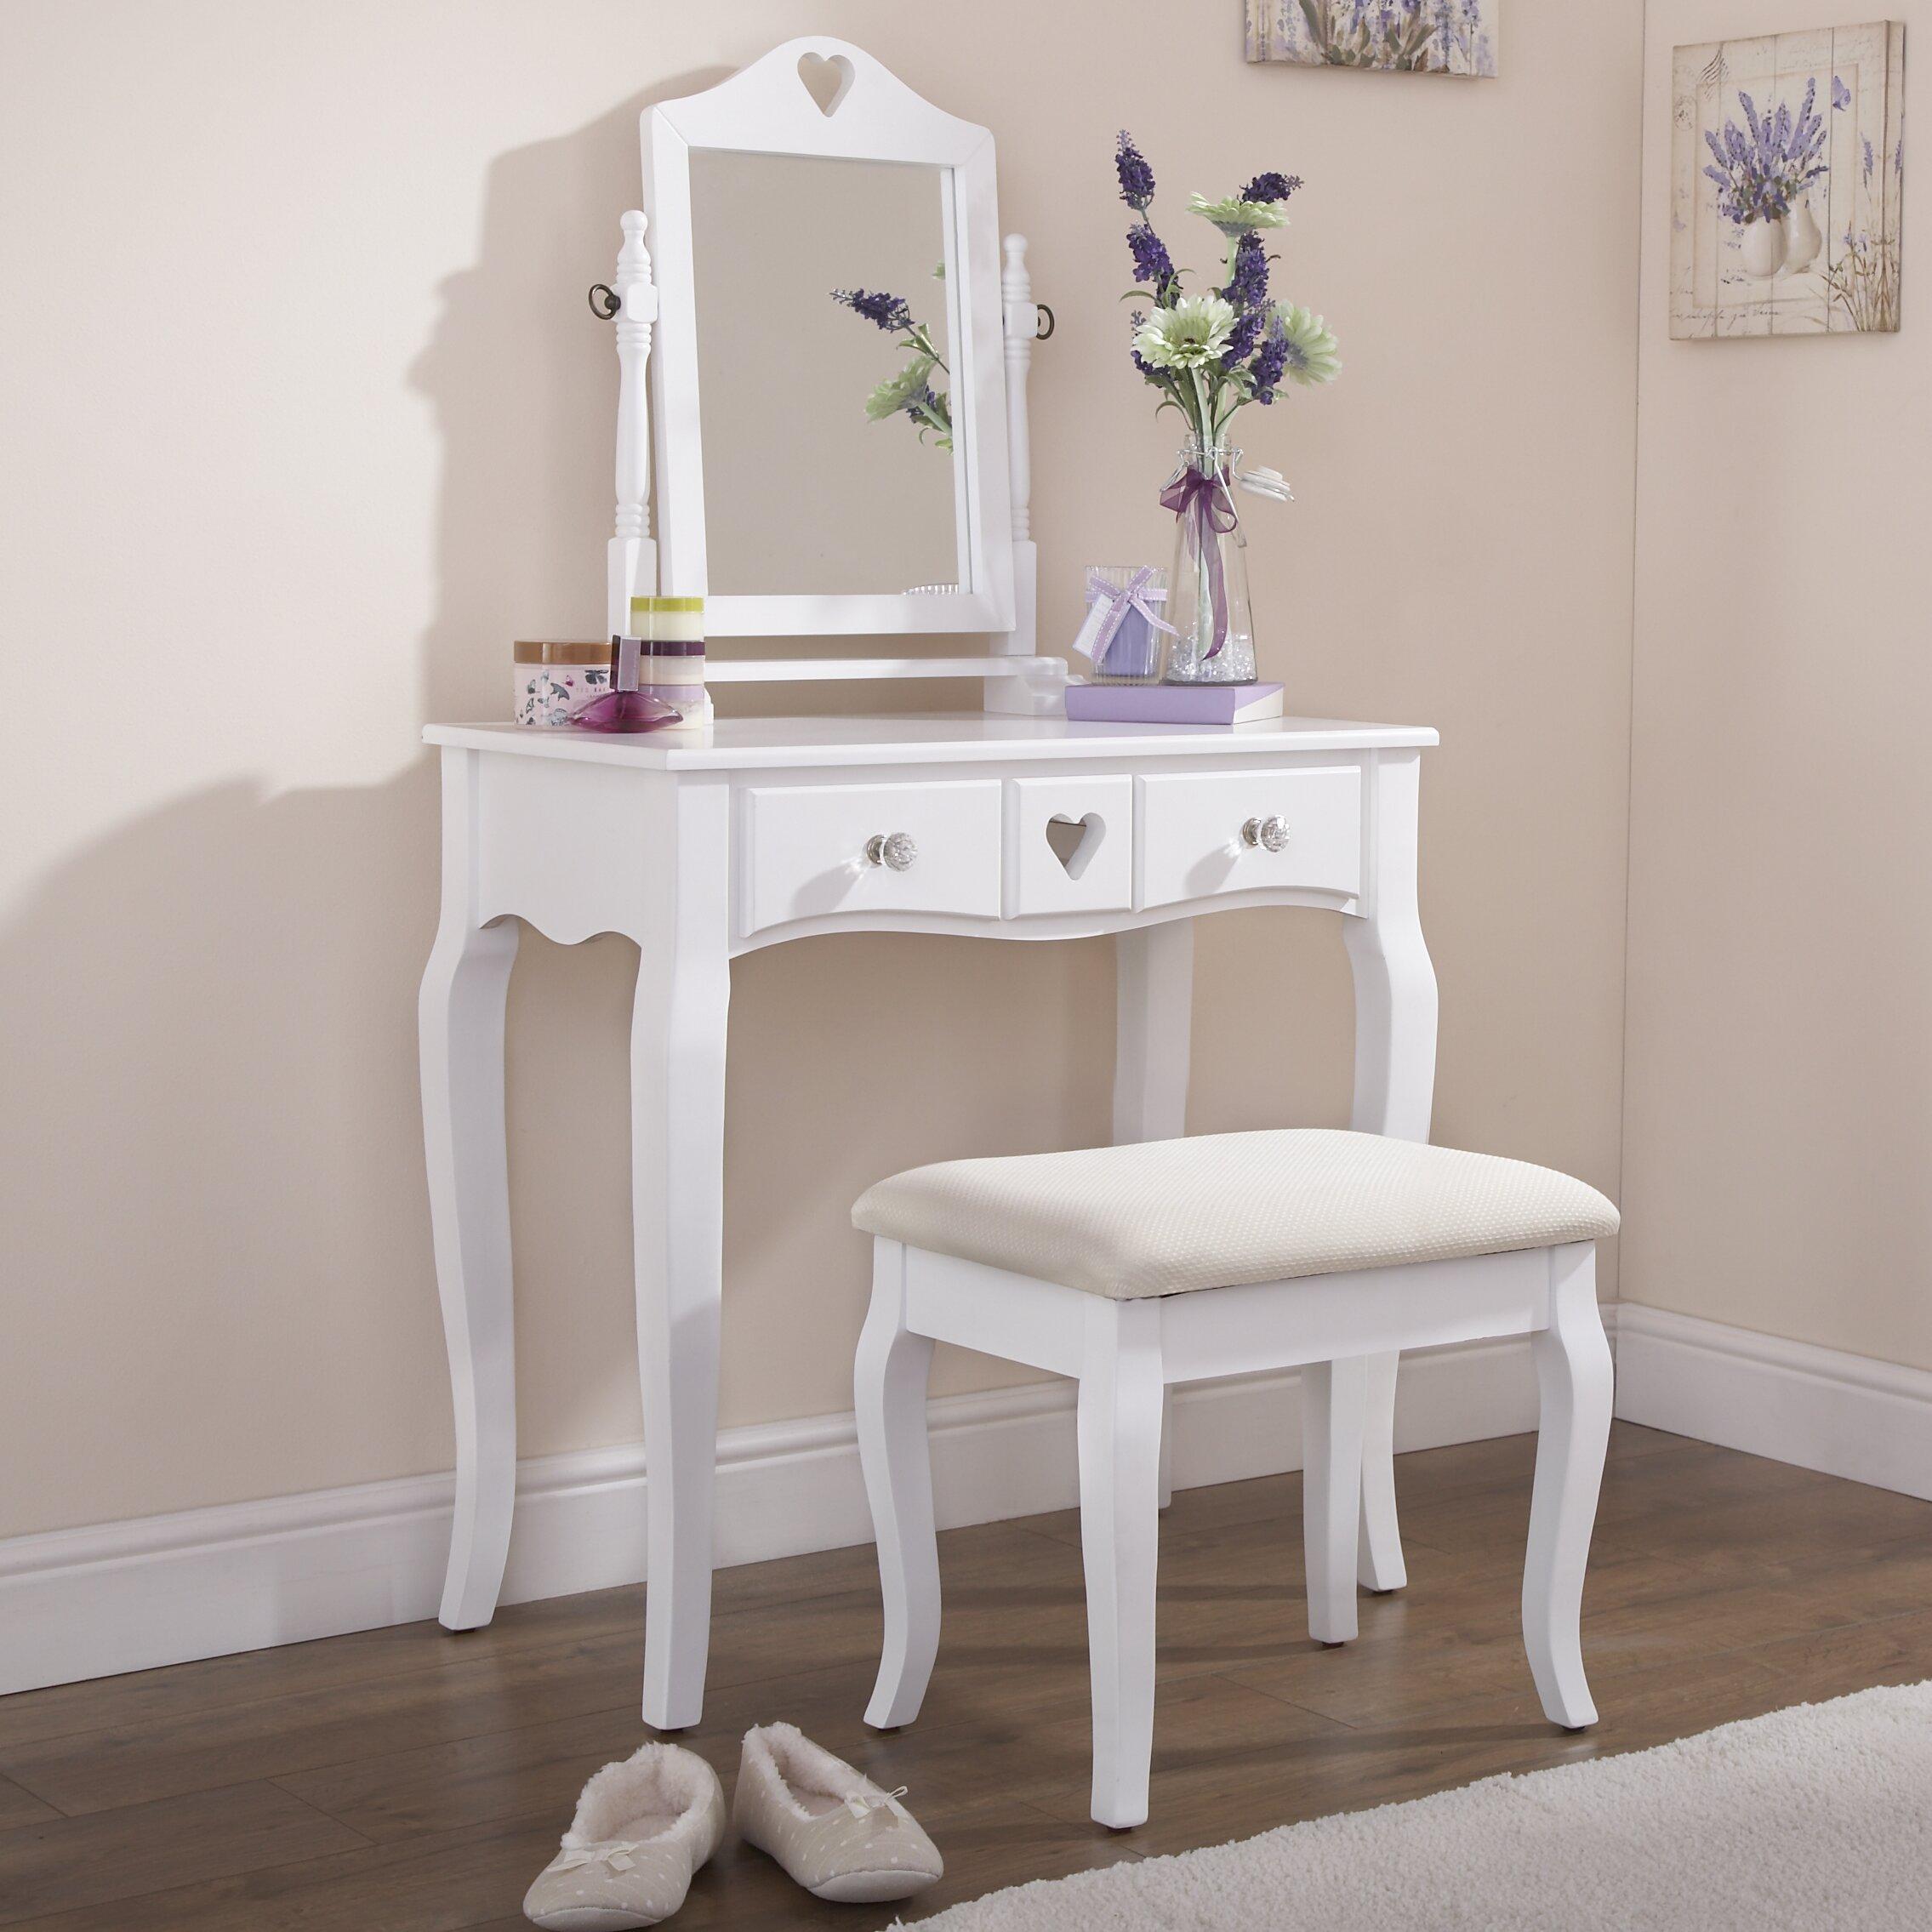 Hazelwood home schminktisch set mit spiegel bewertungen - Schlafzimmer mit schminktisch ...